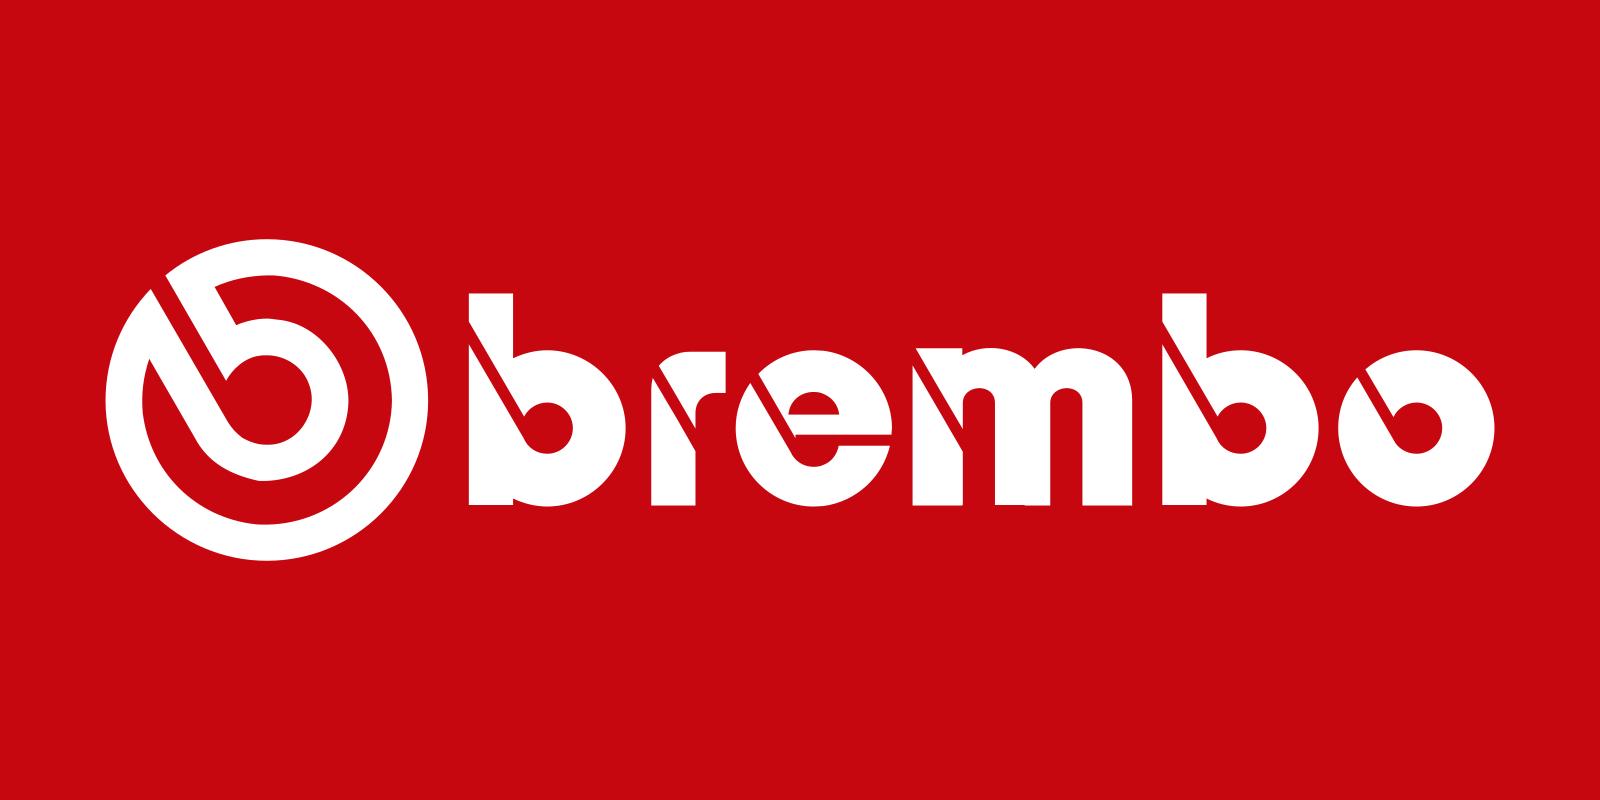 brembo logo 3 - Brembo Logo